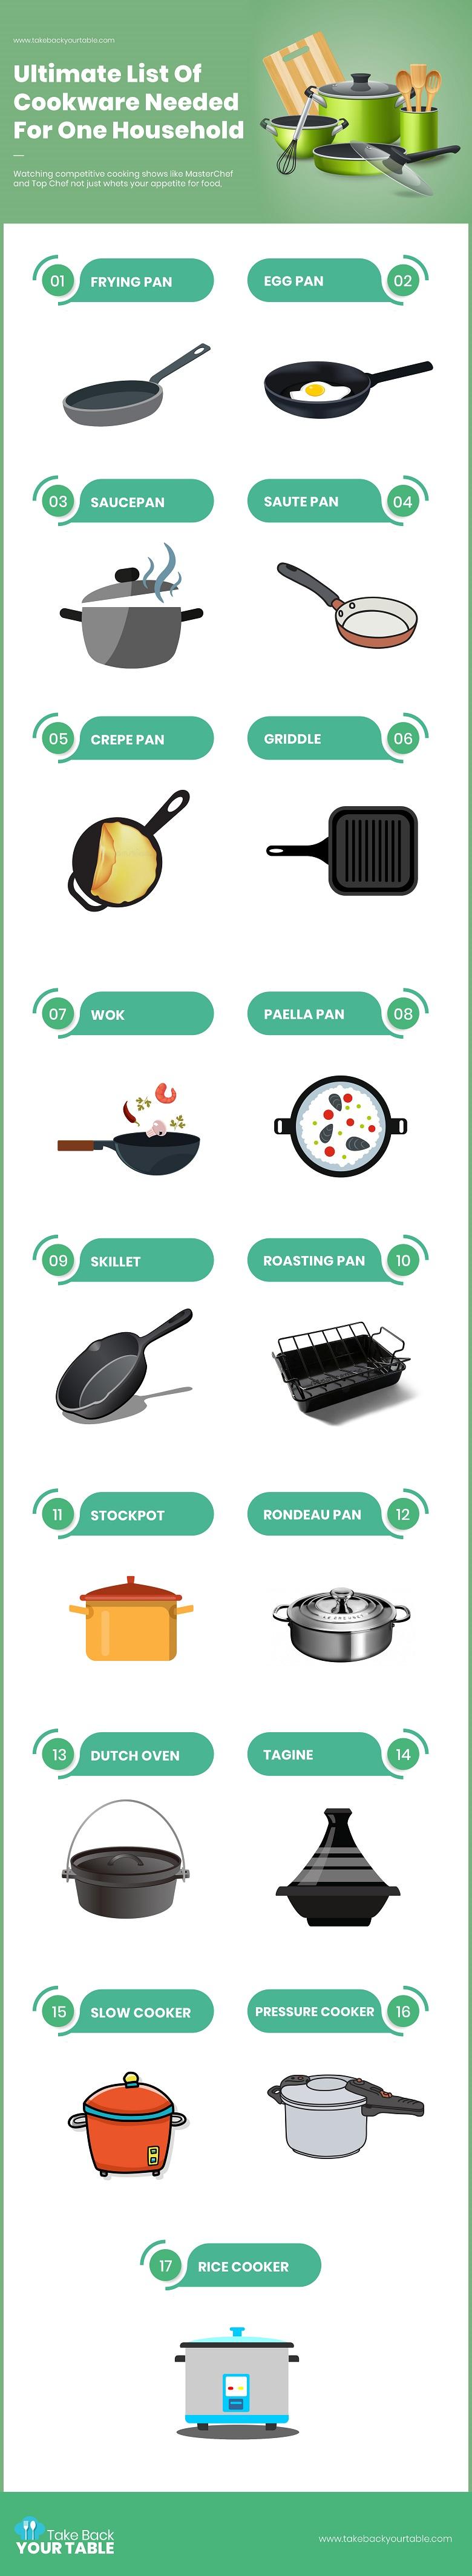 Cookware List